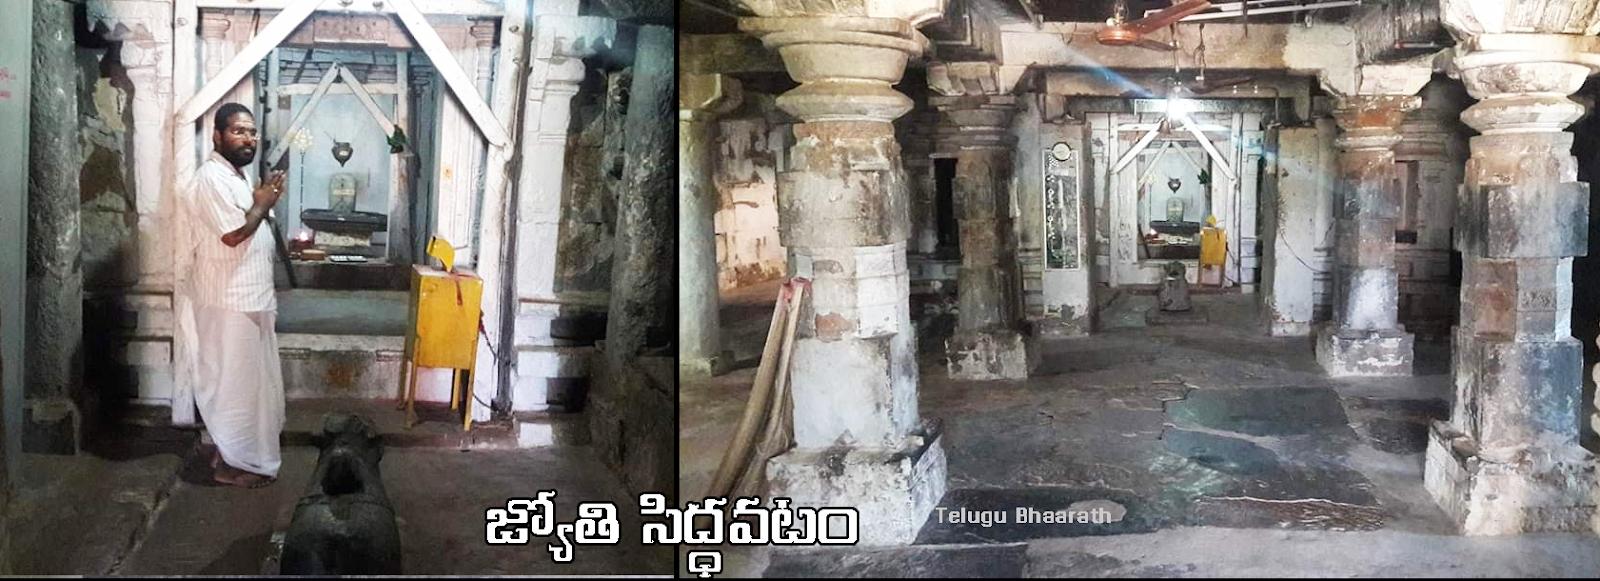 జ్యోతి సిద్ధవటం - siddavatam